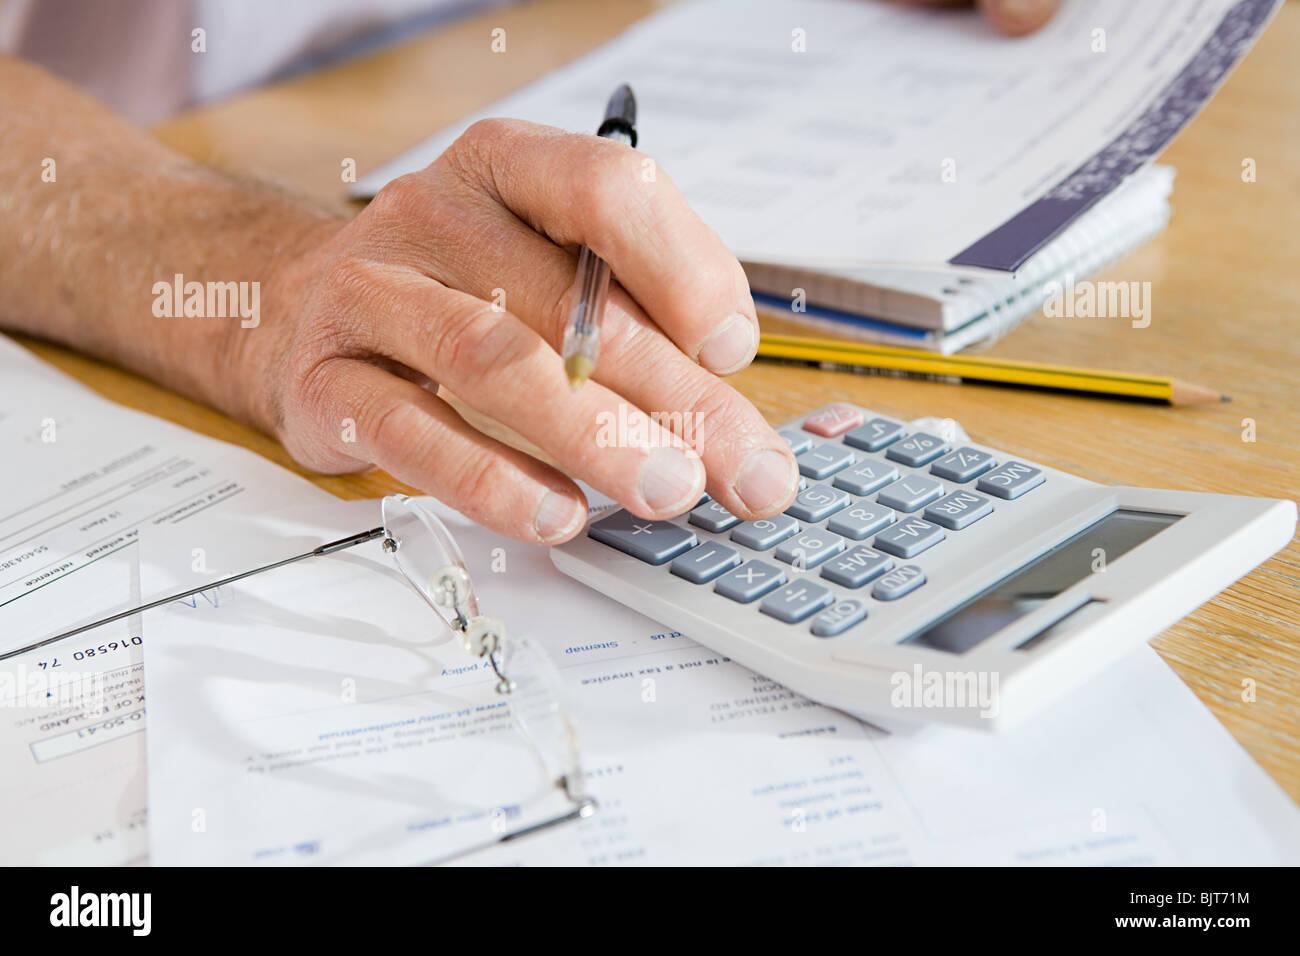 Una persona con una calculadora. Imagen De Stock